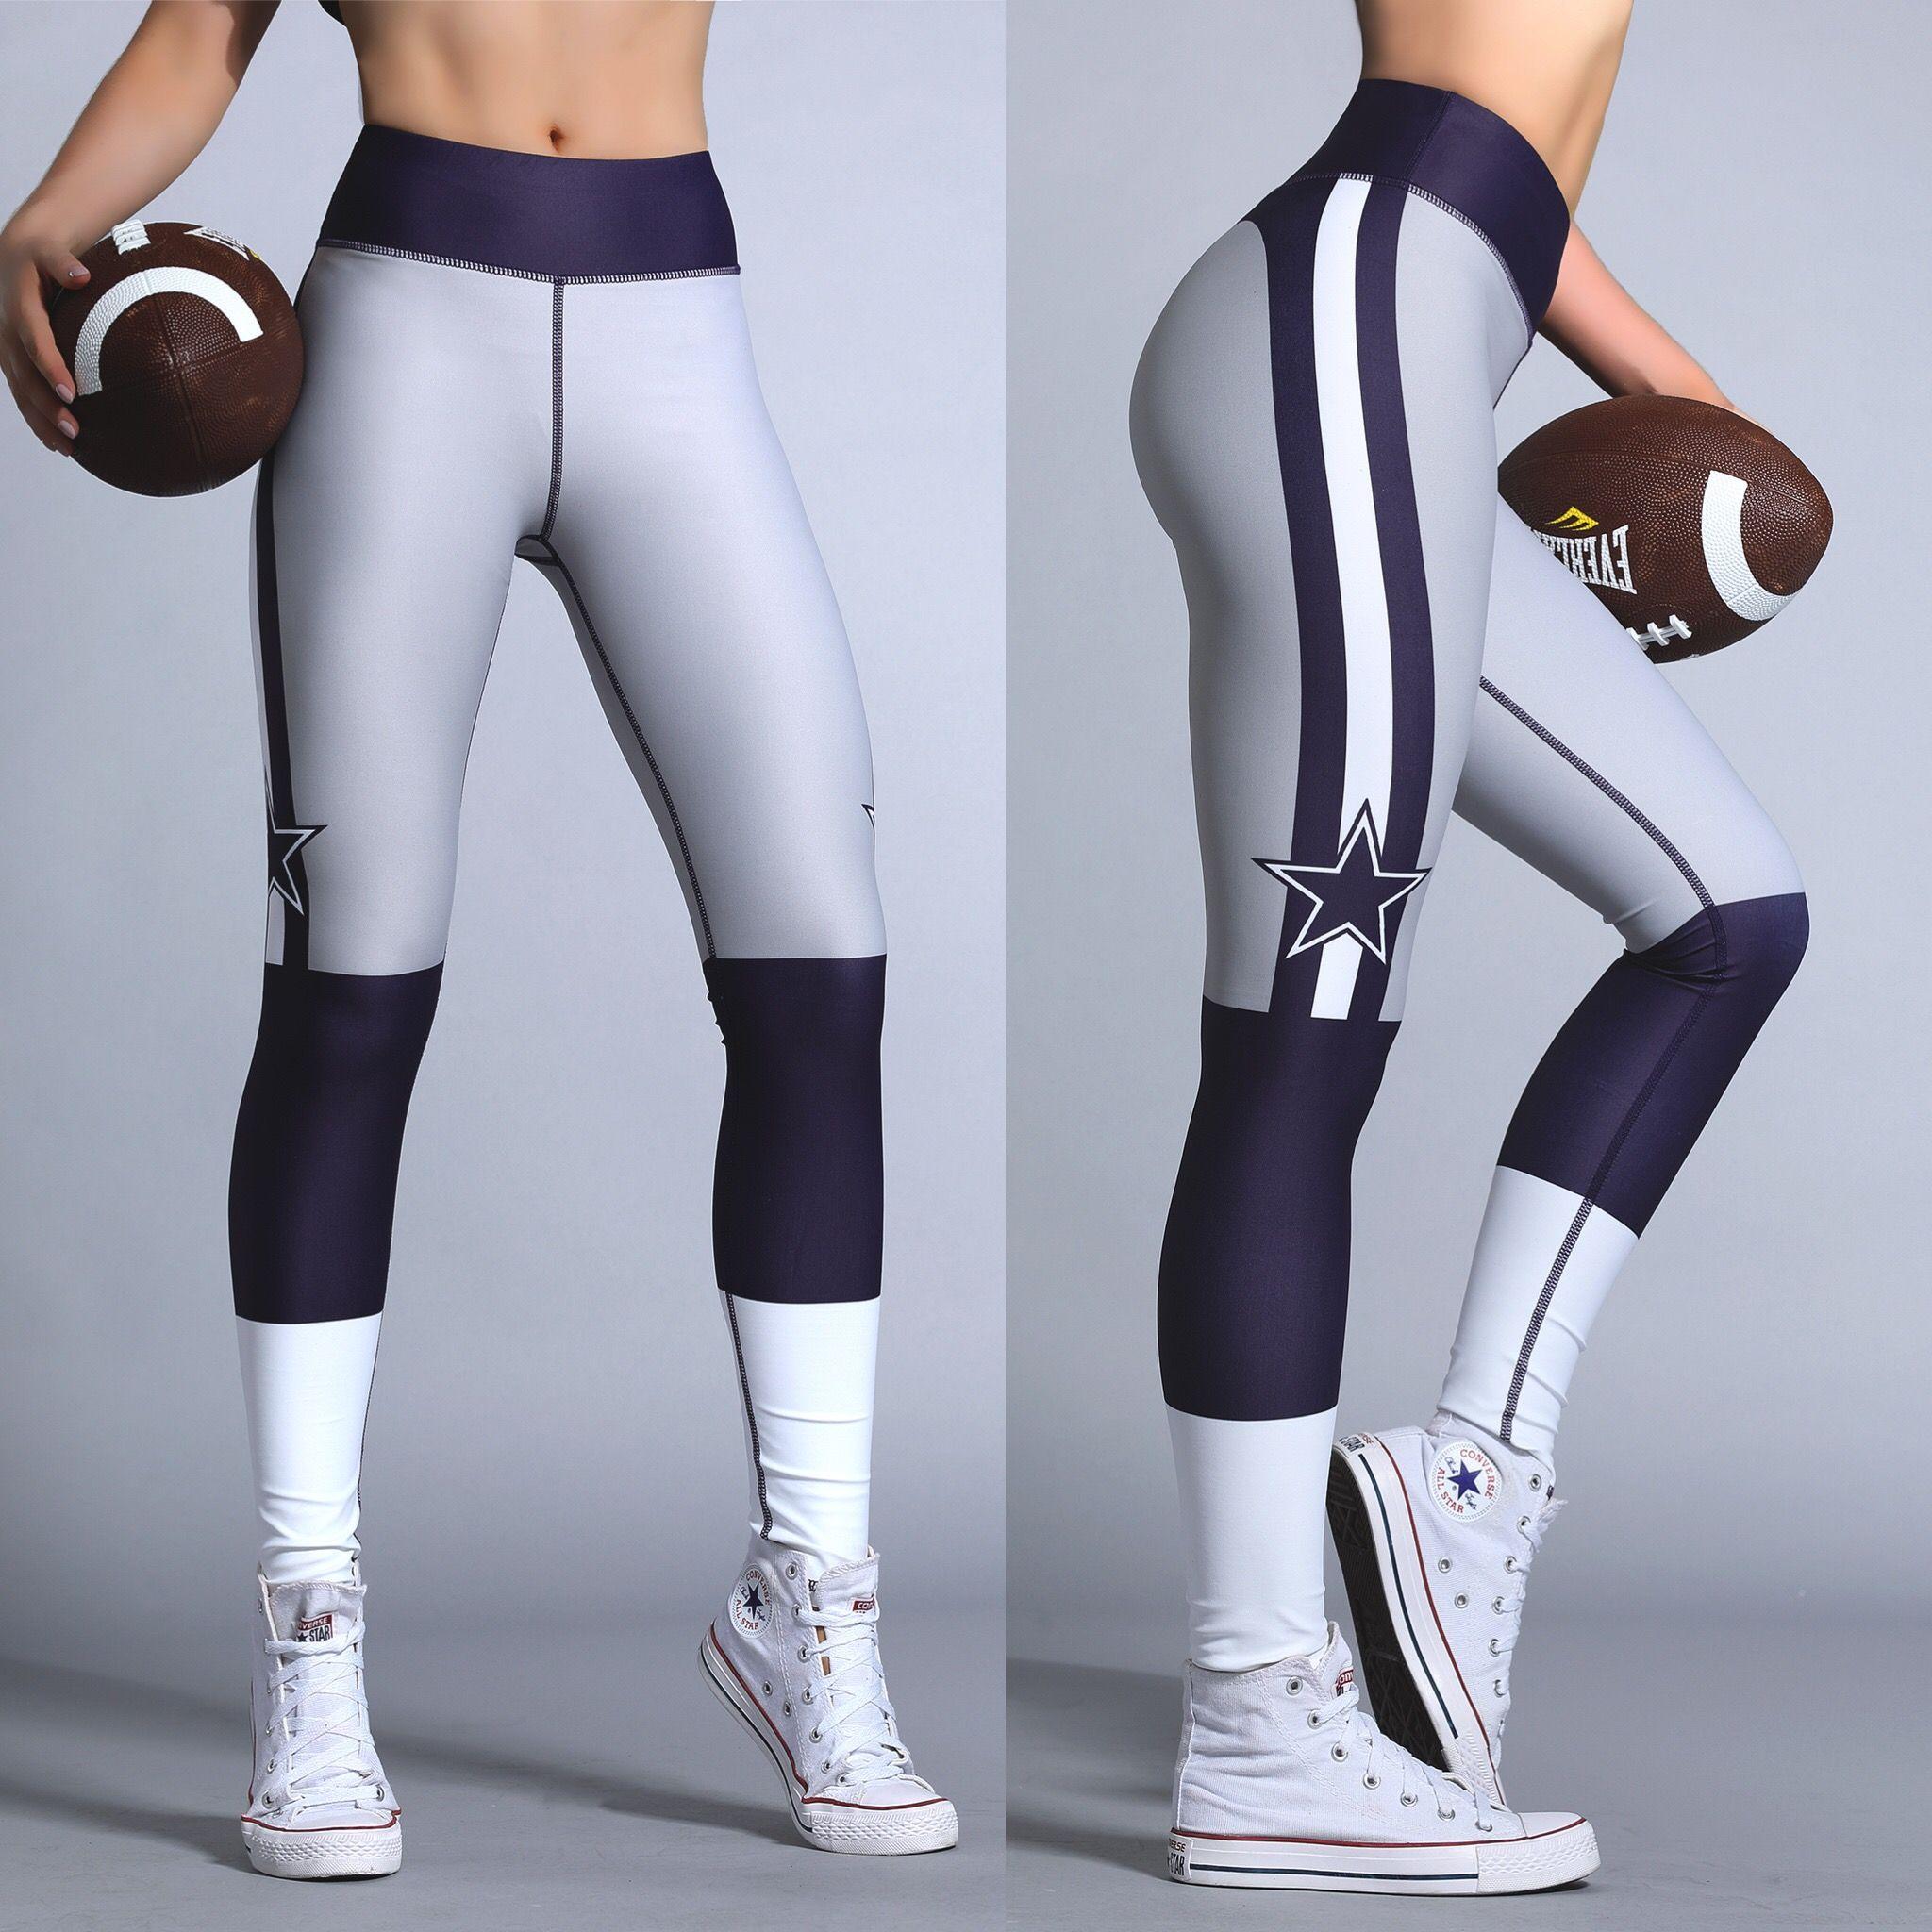 reputable site f7cdd 128b3 Dallas Cowboys leggings @_piba_   Things for Mom   Gym ...